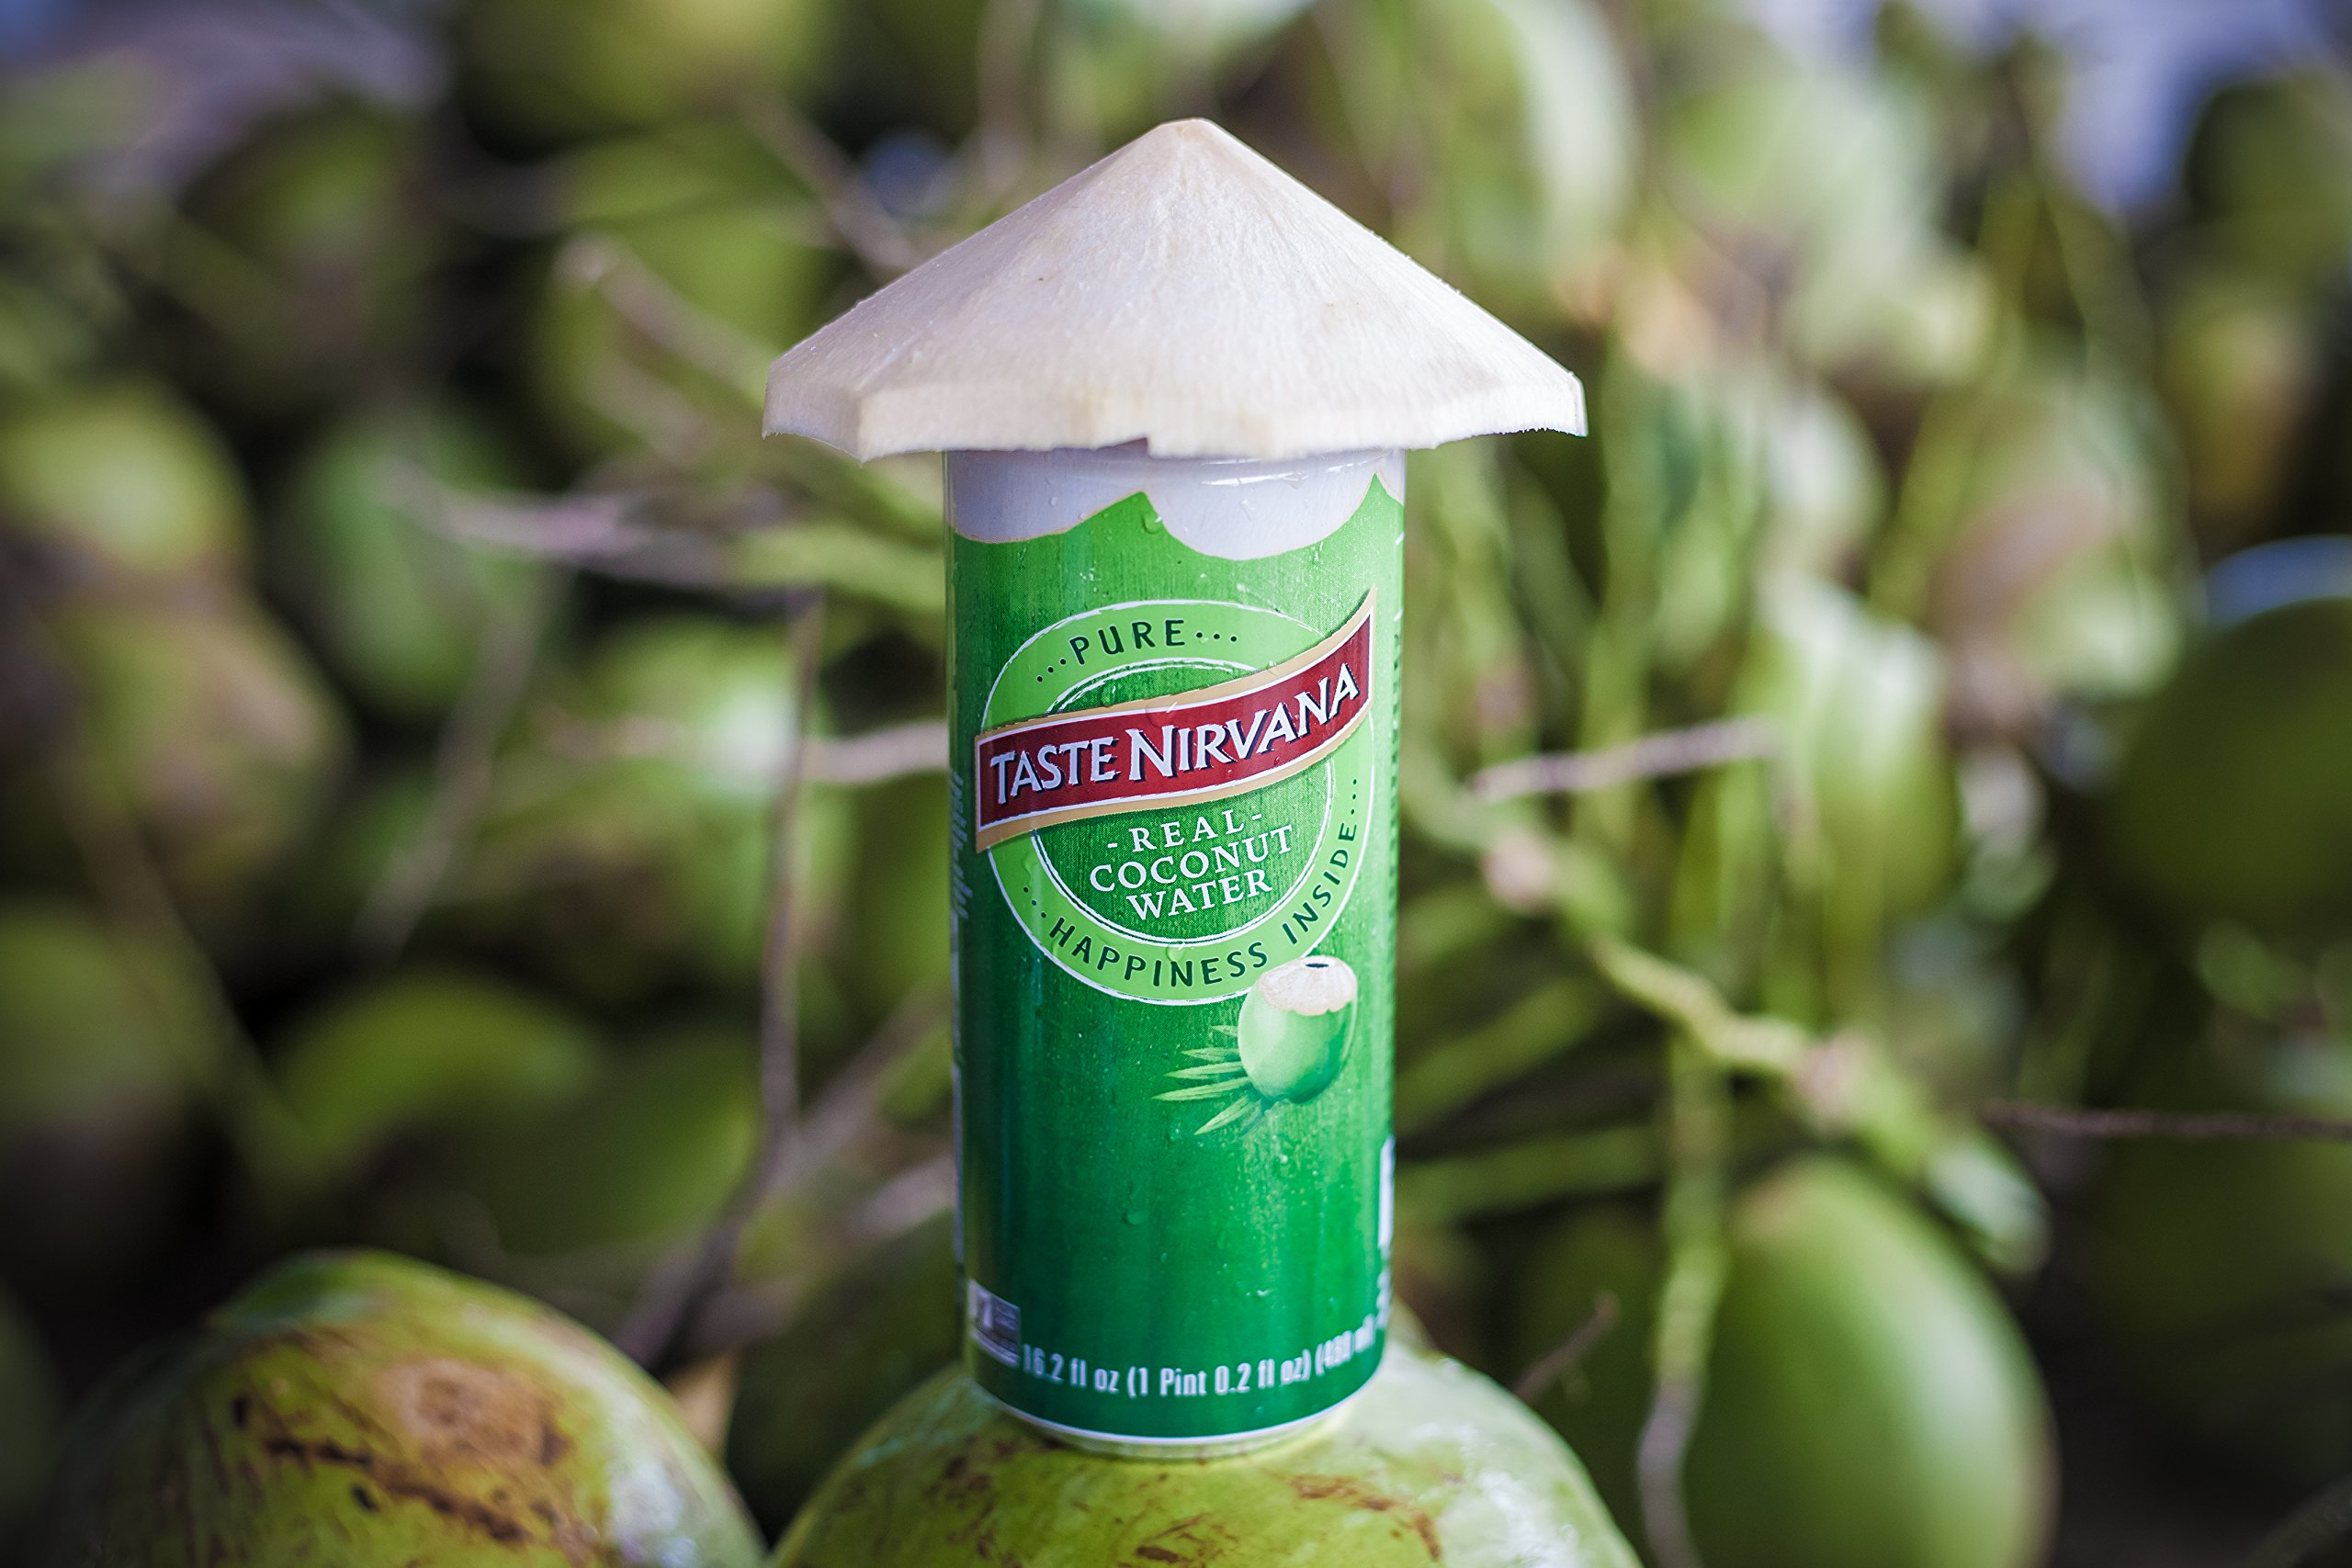 Taste Nirvana Real Coconut Water, Premium Coconut Water, 16.2 Ounce Cans (Pack of 12) by Taste Nirvana (Image #6)